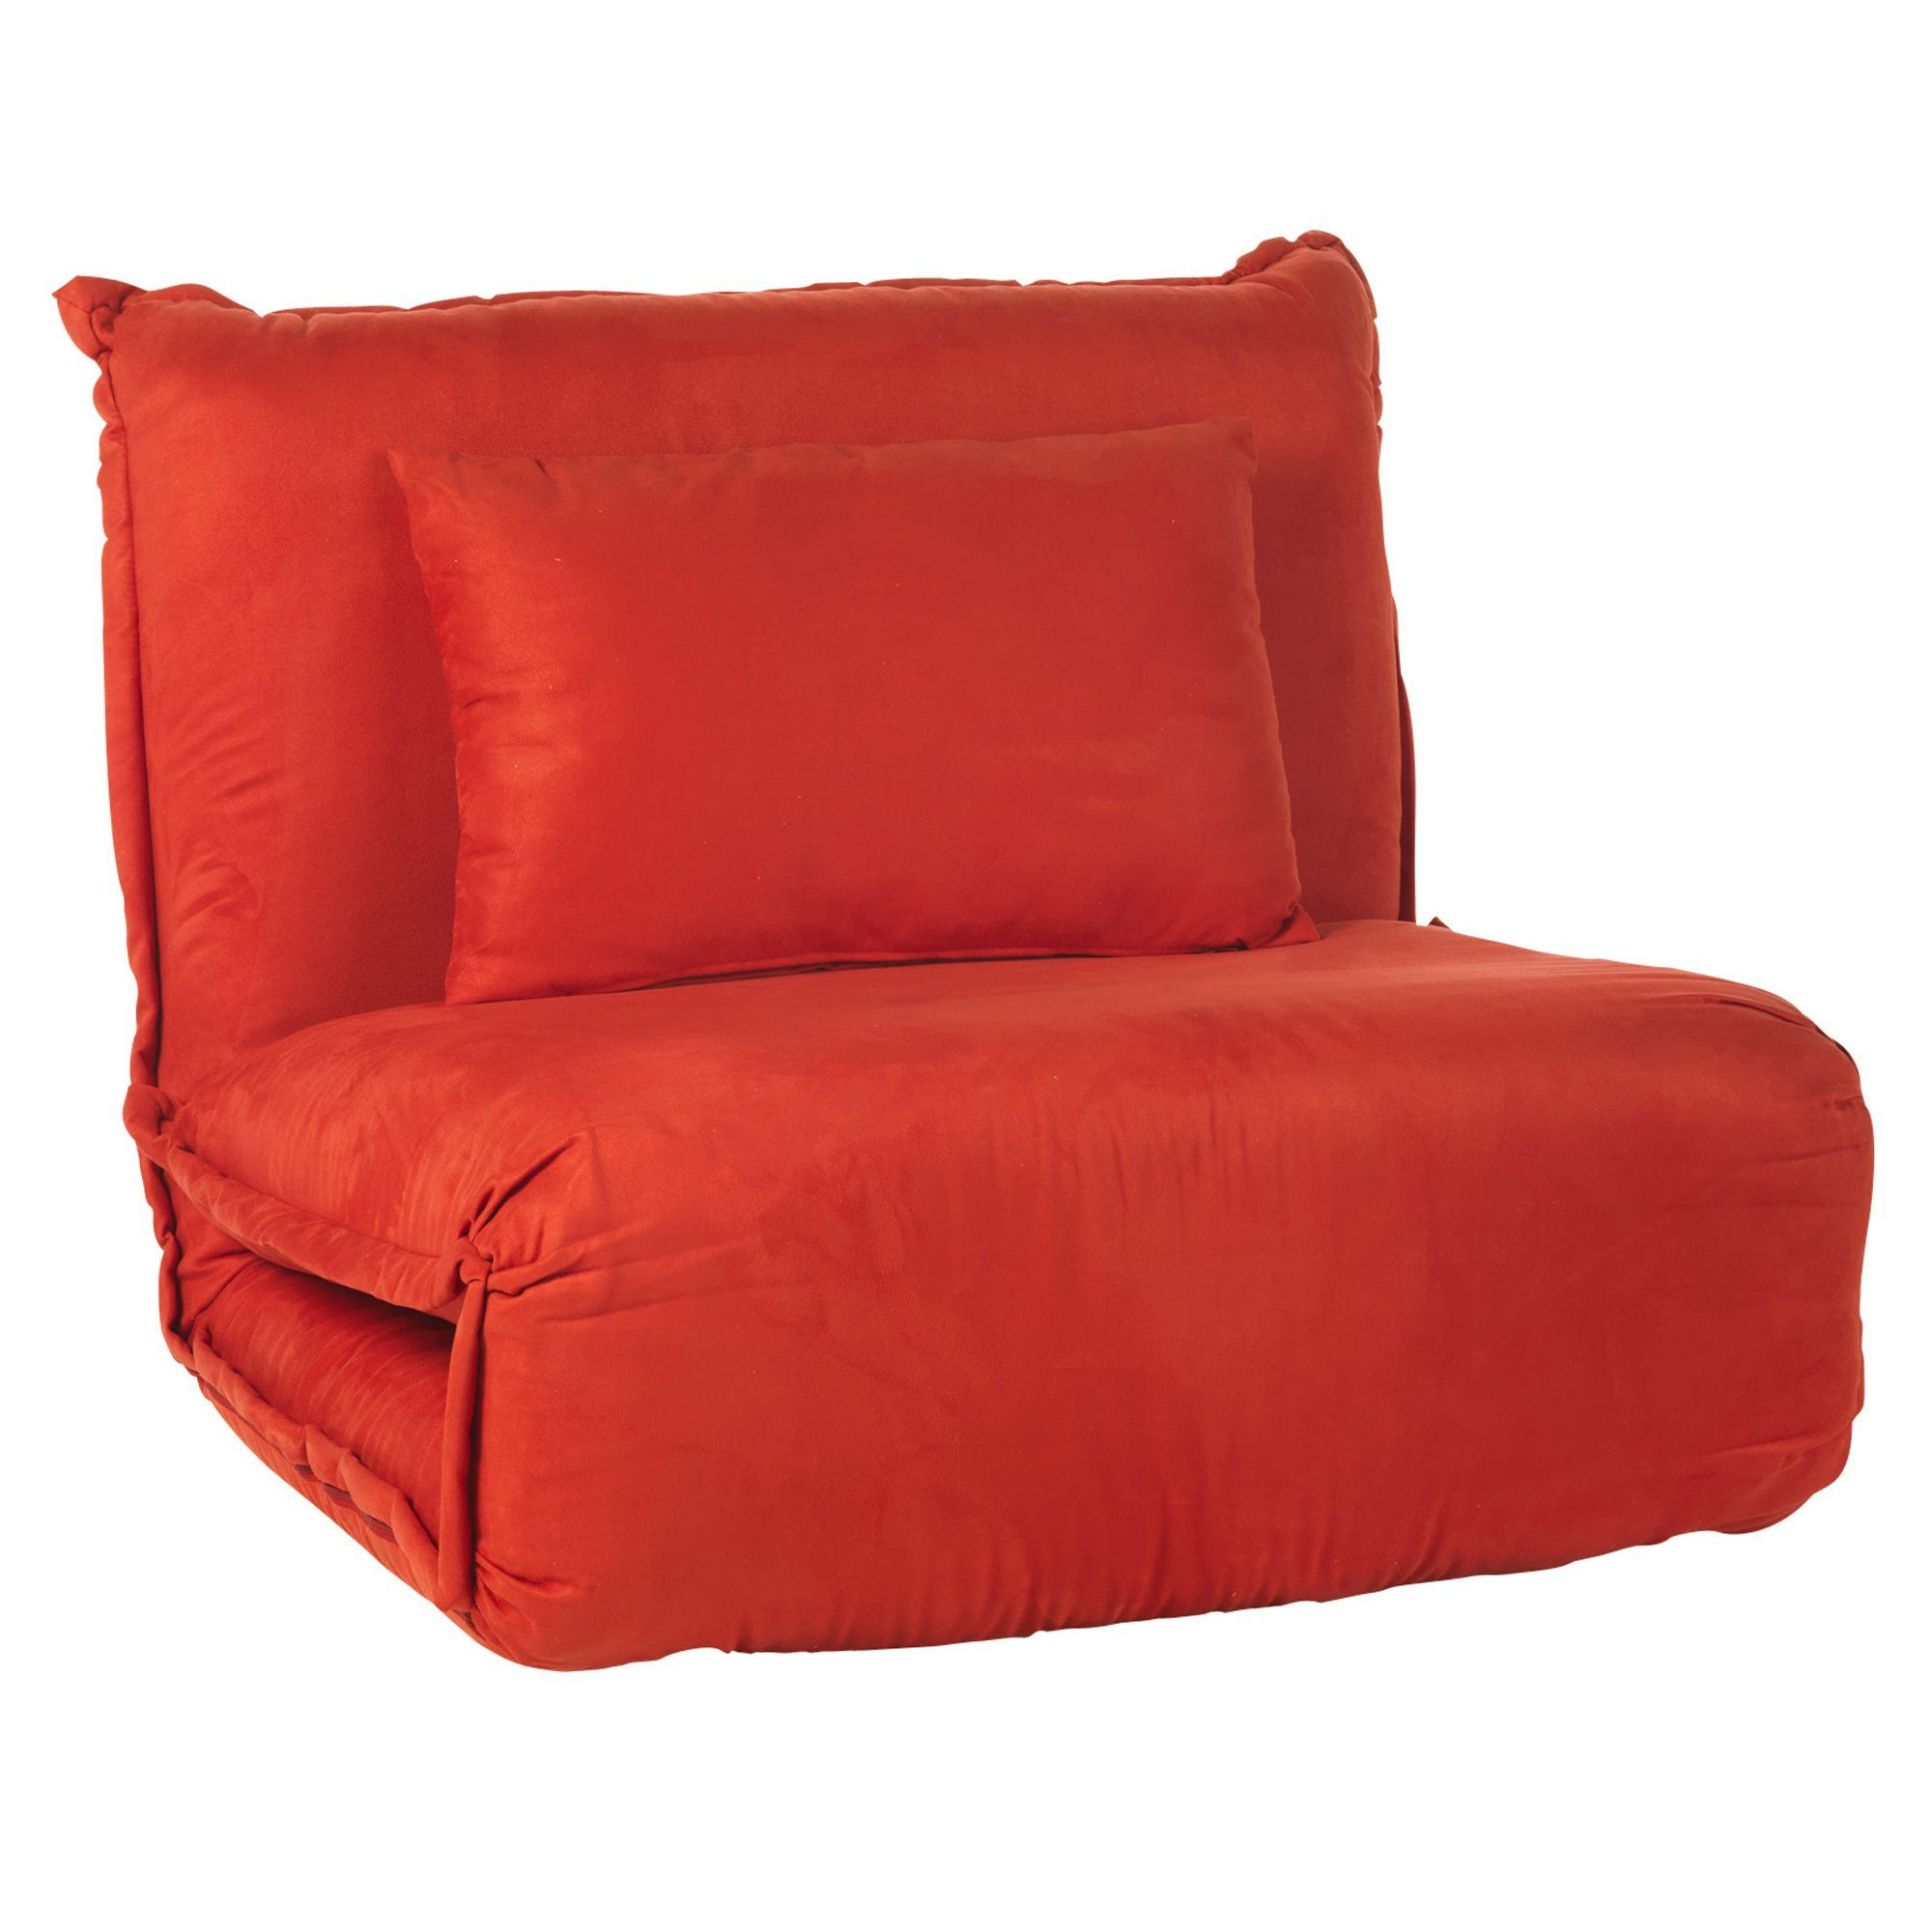 Fauteuil Convertible Rouge Rouge Dodo Les Fauteuils Fauteuils Et Poufs Canapes Et Faute Fauteuil Convertible Mobilier De Salon Canape Angle Convertible